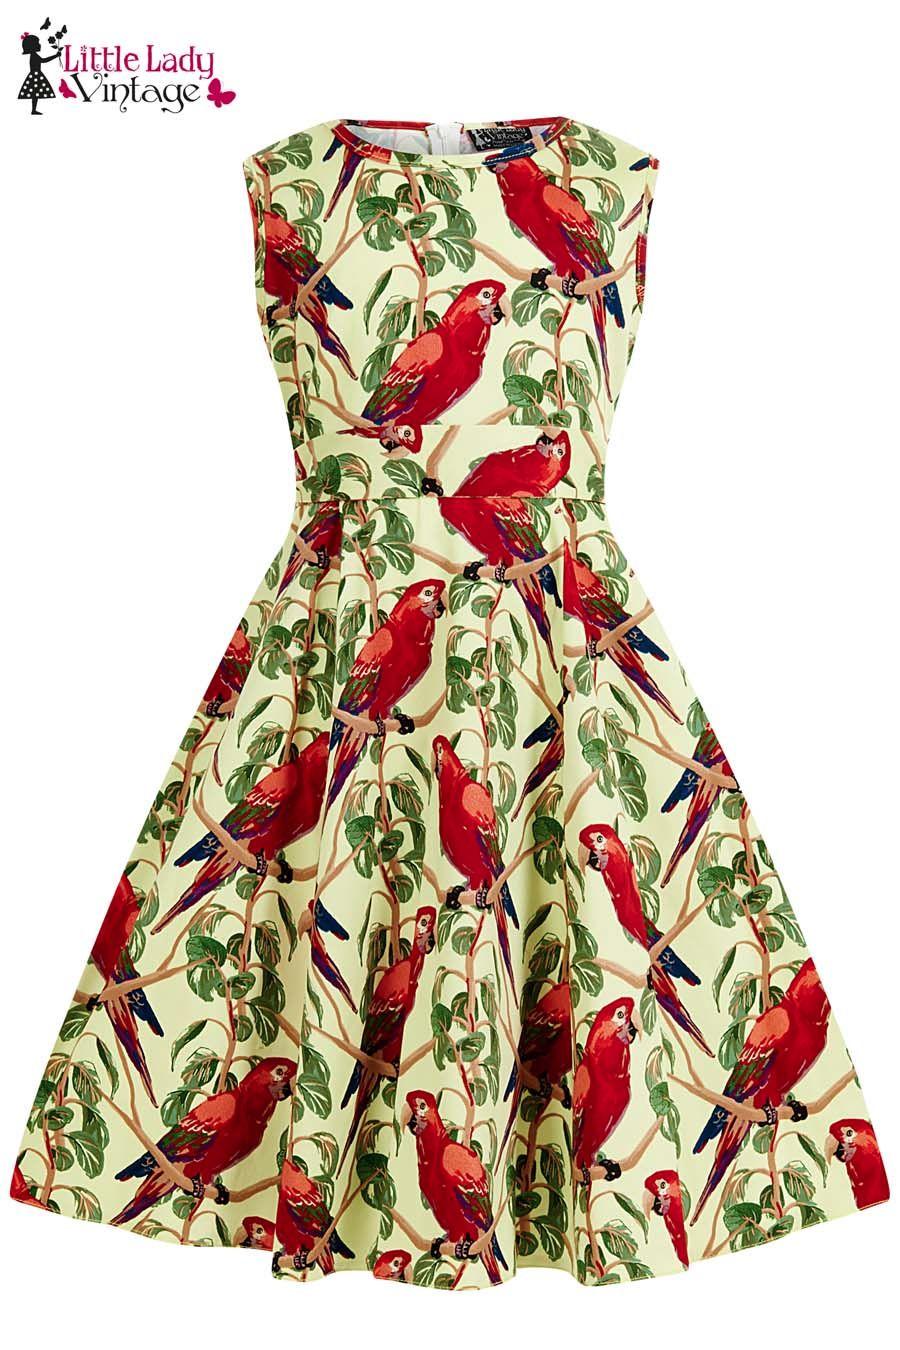 Children's Little Lady Vintage 1950s Cute Unique Parrots Hepburn Dress